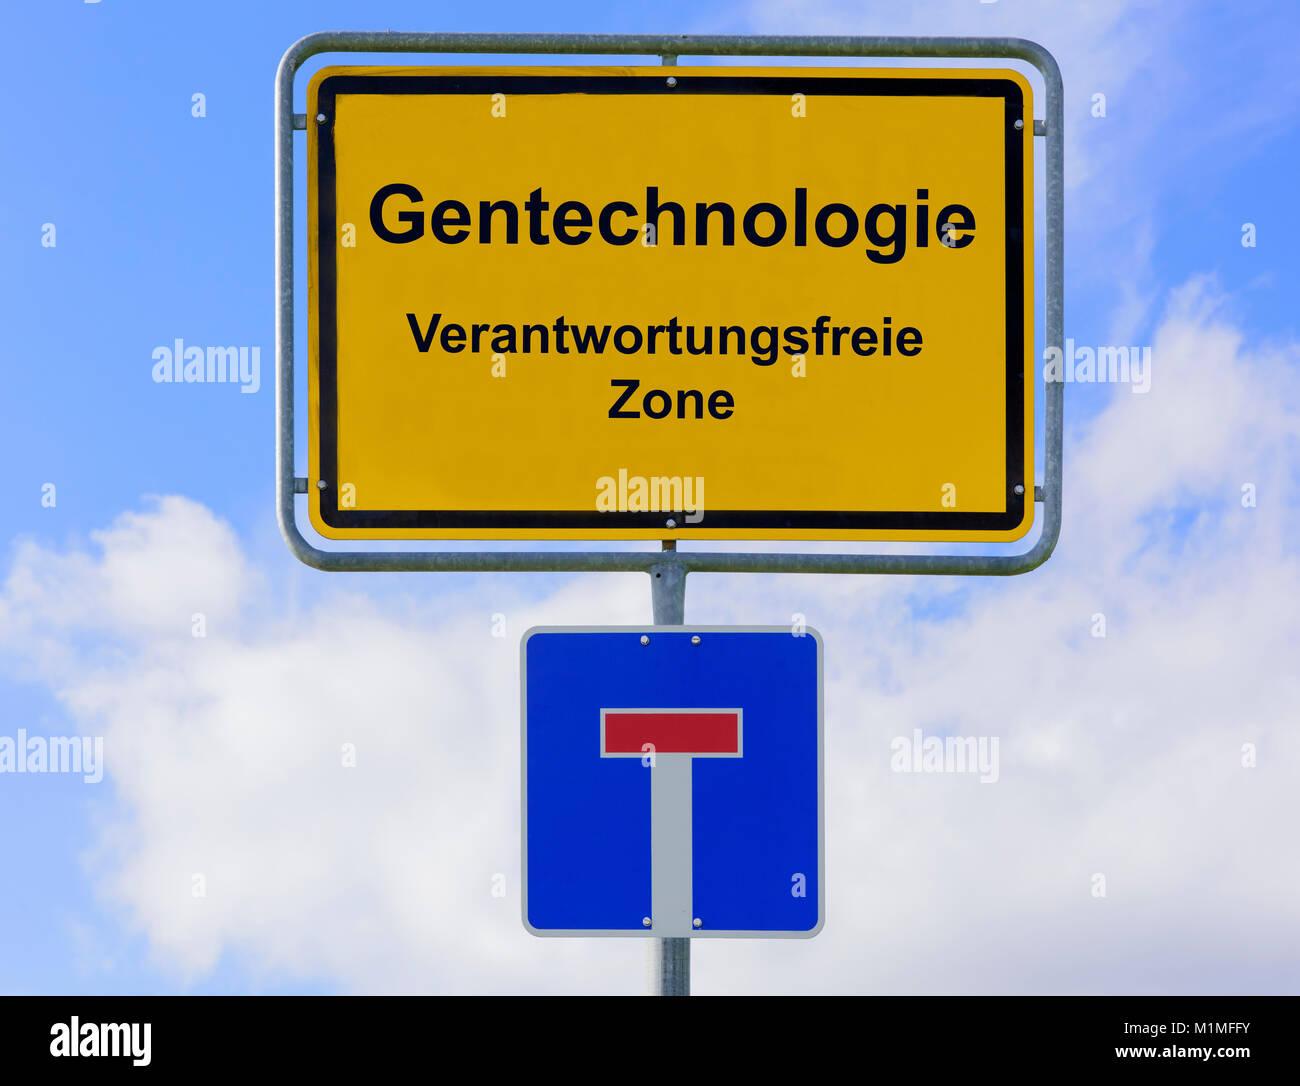 verantwortungsfreie Gentechnologie auf Ortsschild - Stock Image